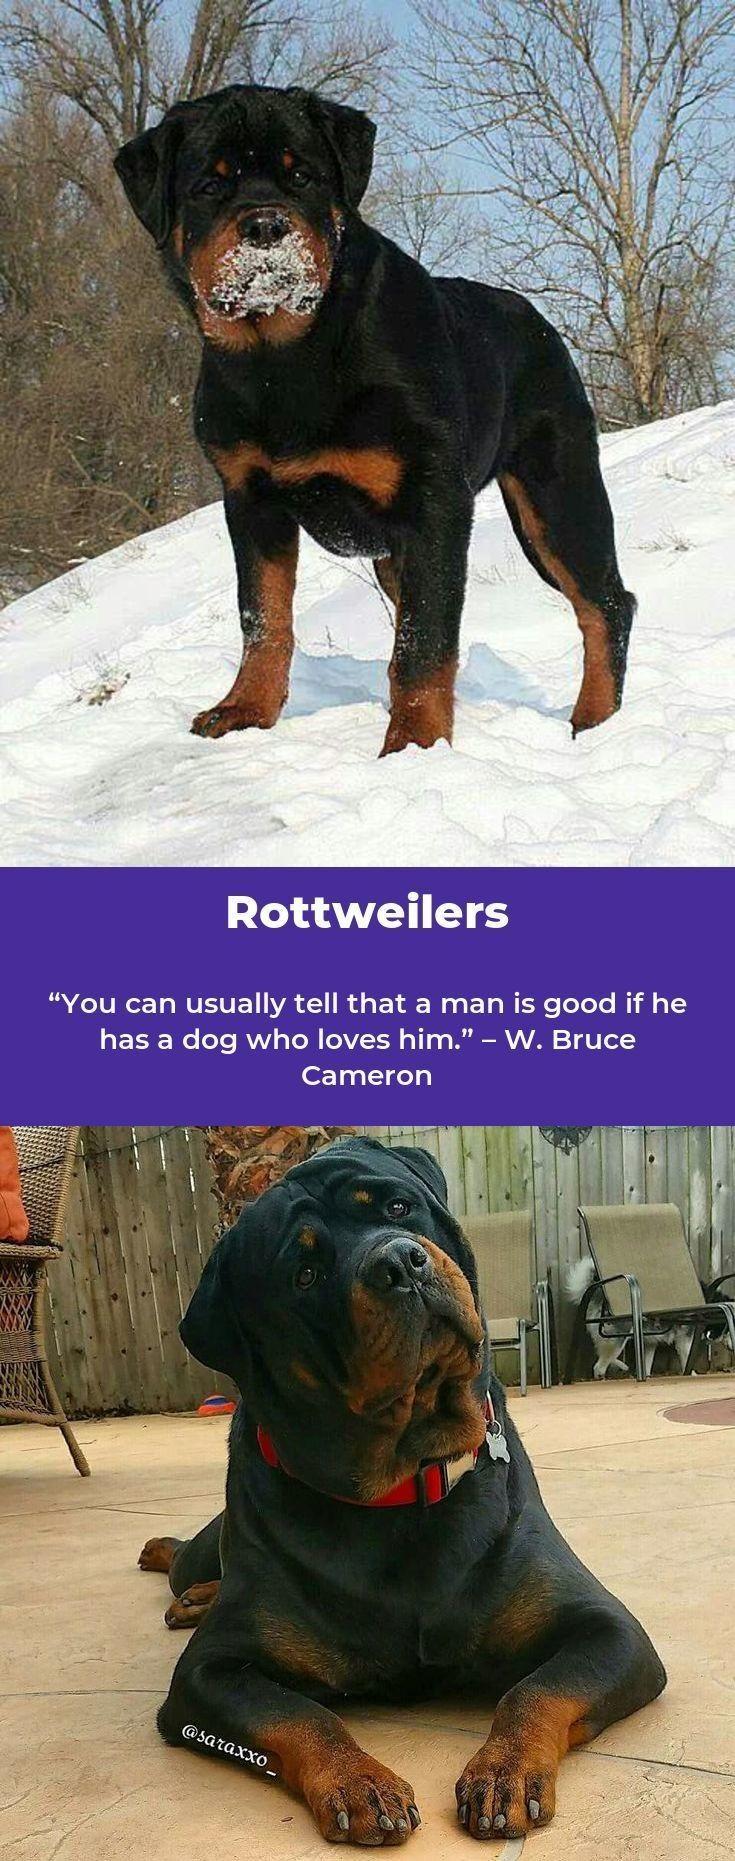 Rottweilers Rottweilerpage Rottweilerofinsta Rottweiler Dog